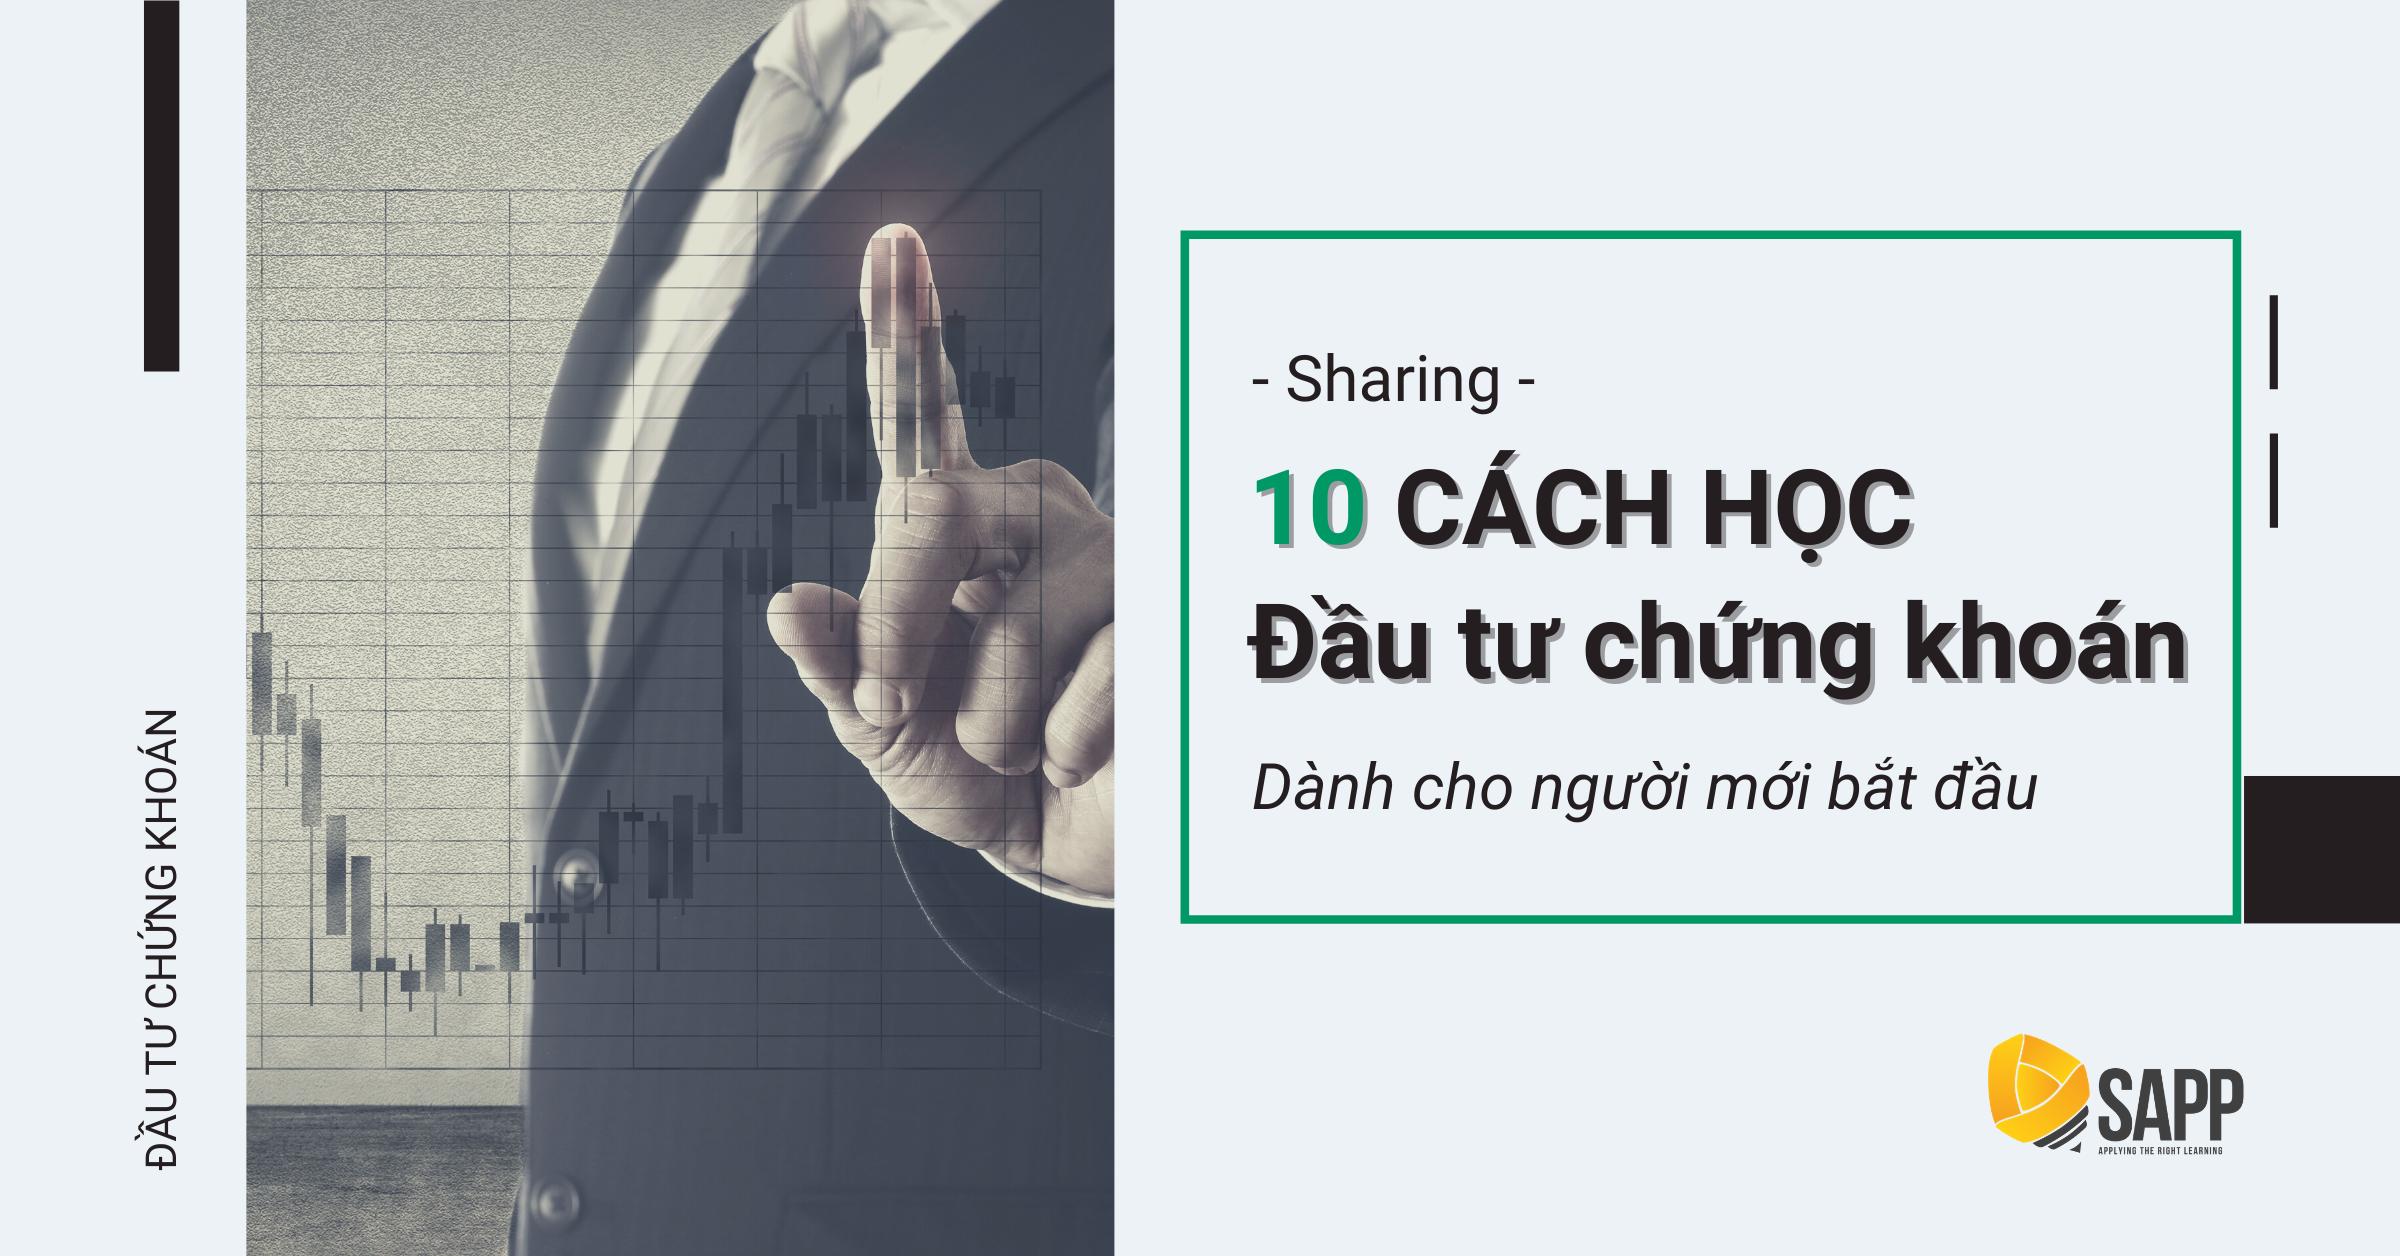 10 Cách Học Đầu Tư Chứng Khoán Cho Người Mới Bắt Đầu Hiệu Quả Nhất